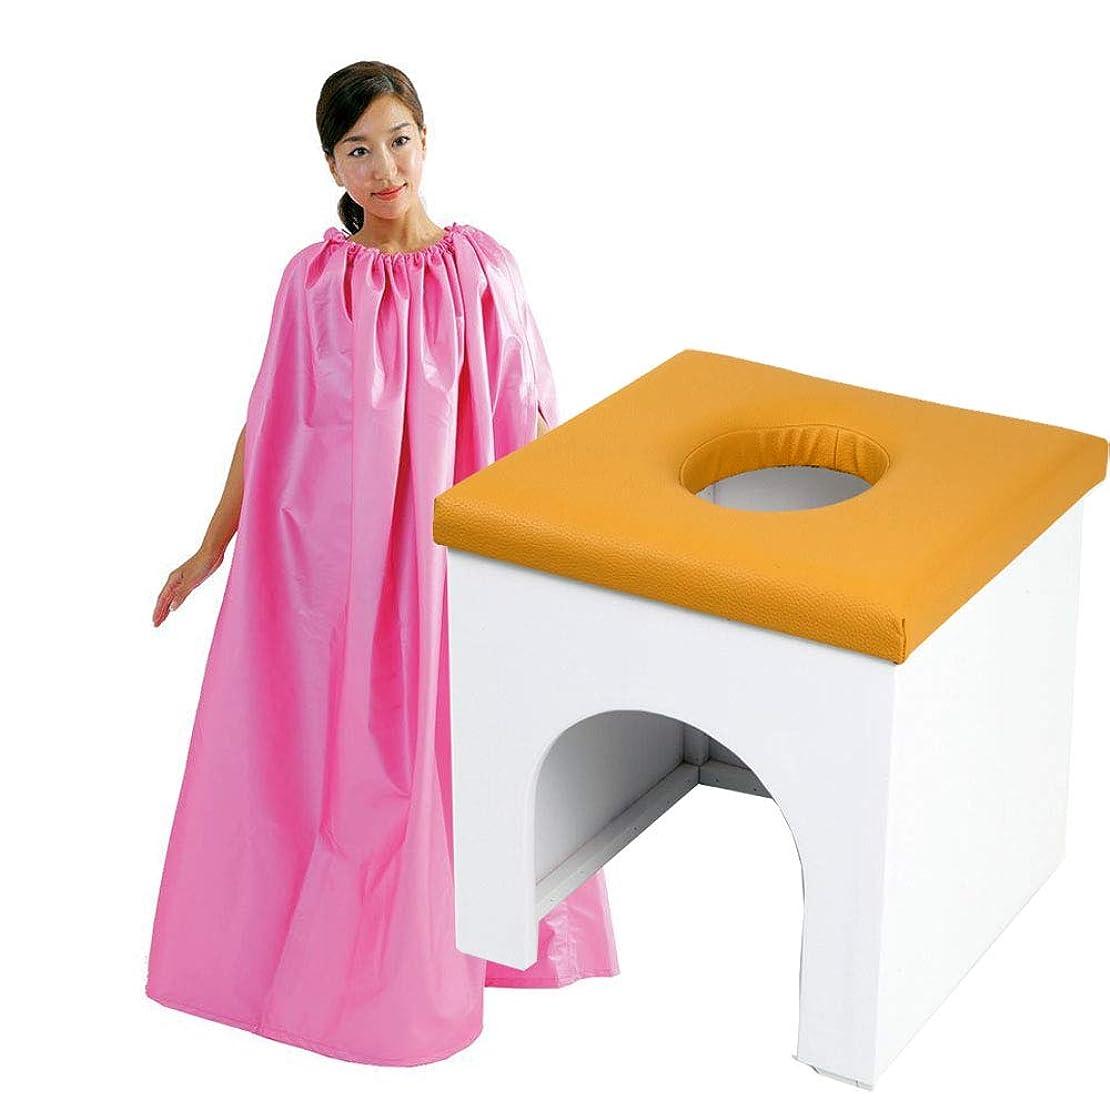 領事館シットコムマウンド【WM】まる温よもぎ蒸し【白椅子(マスタードシート)セット】専用マント?薬草60回分?電気鍋【期待通りの満足感をお届けします!】/爽やかなホワイトカラーで、人体に無害な塗装仕上げで通常の椅子より長持ちします (ピンク)